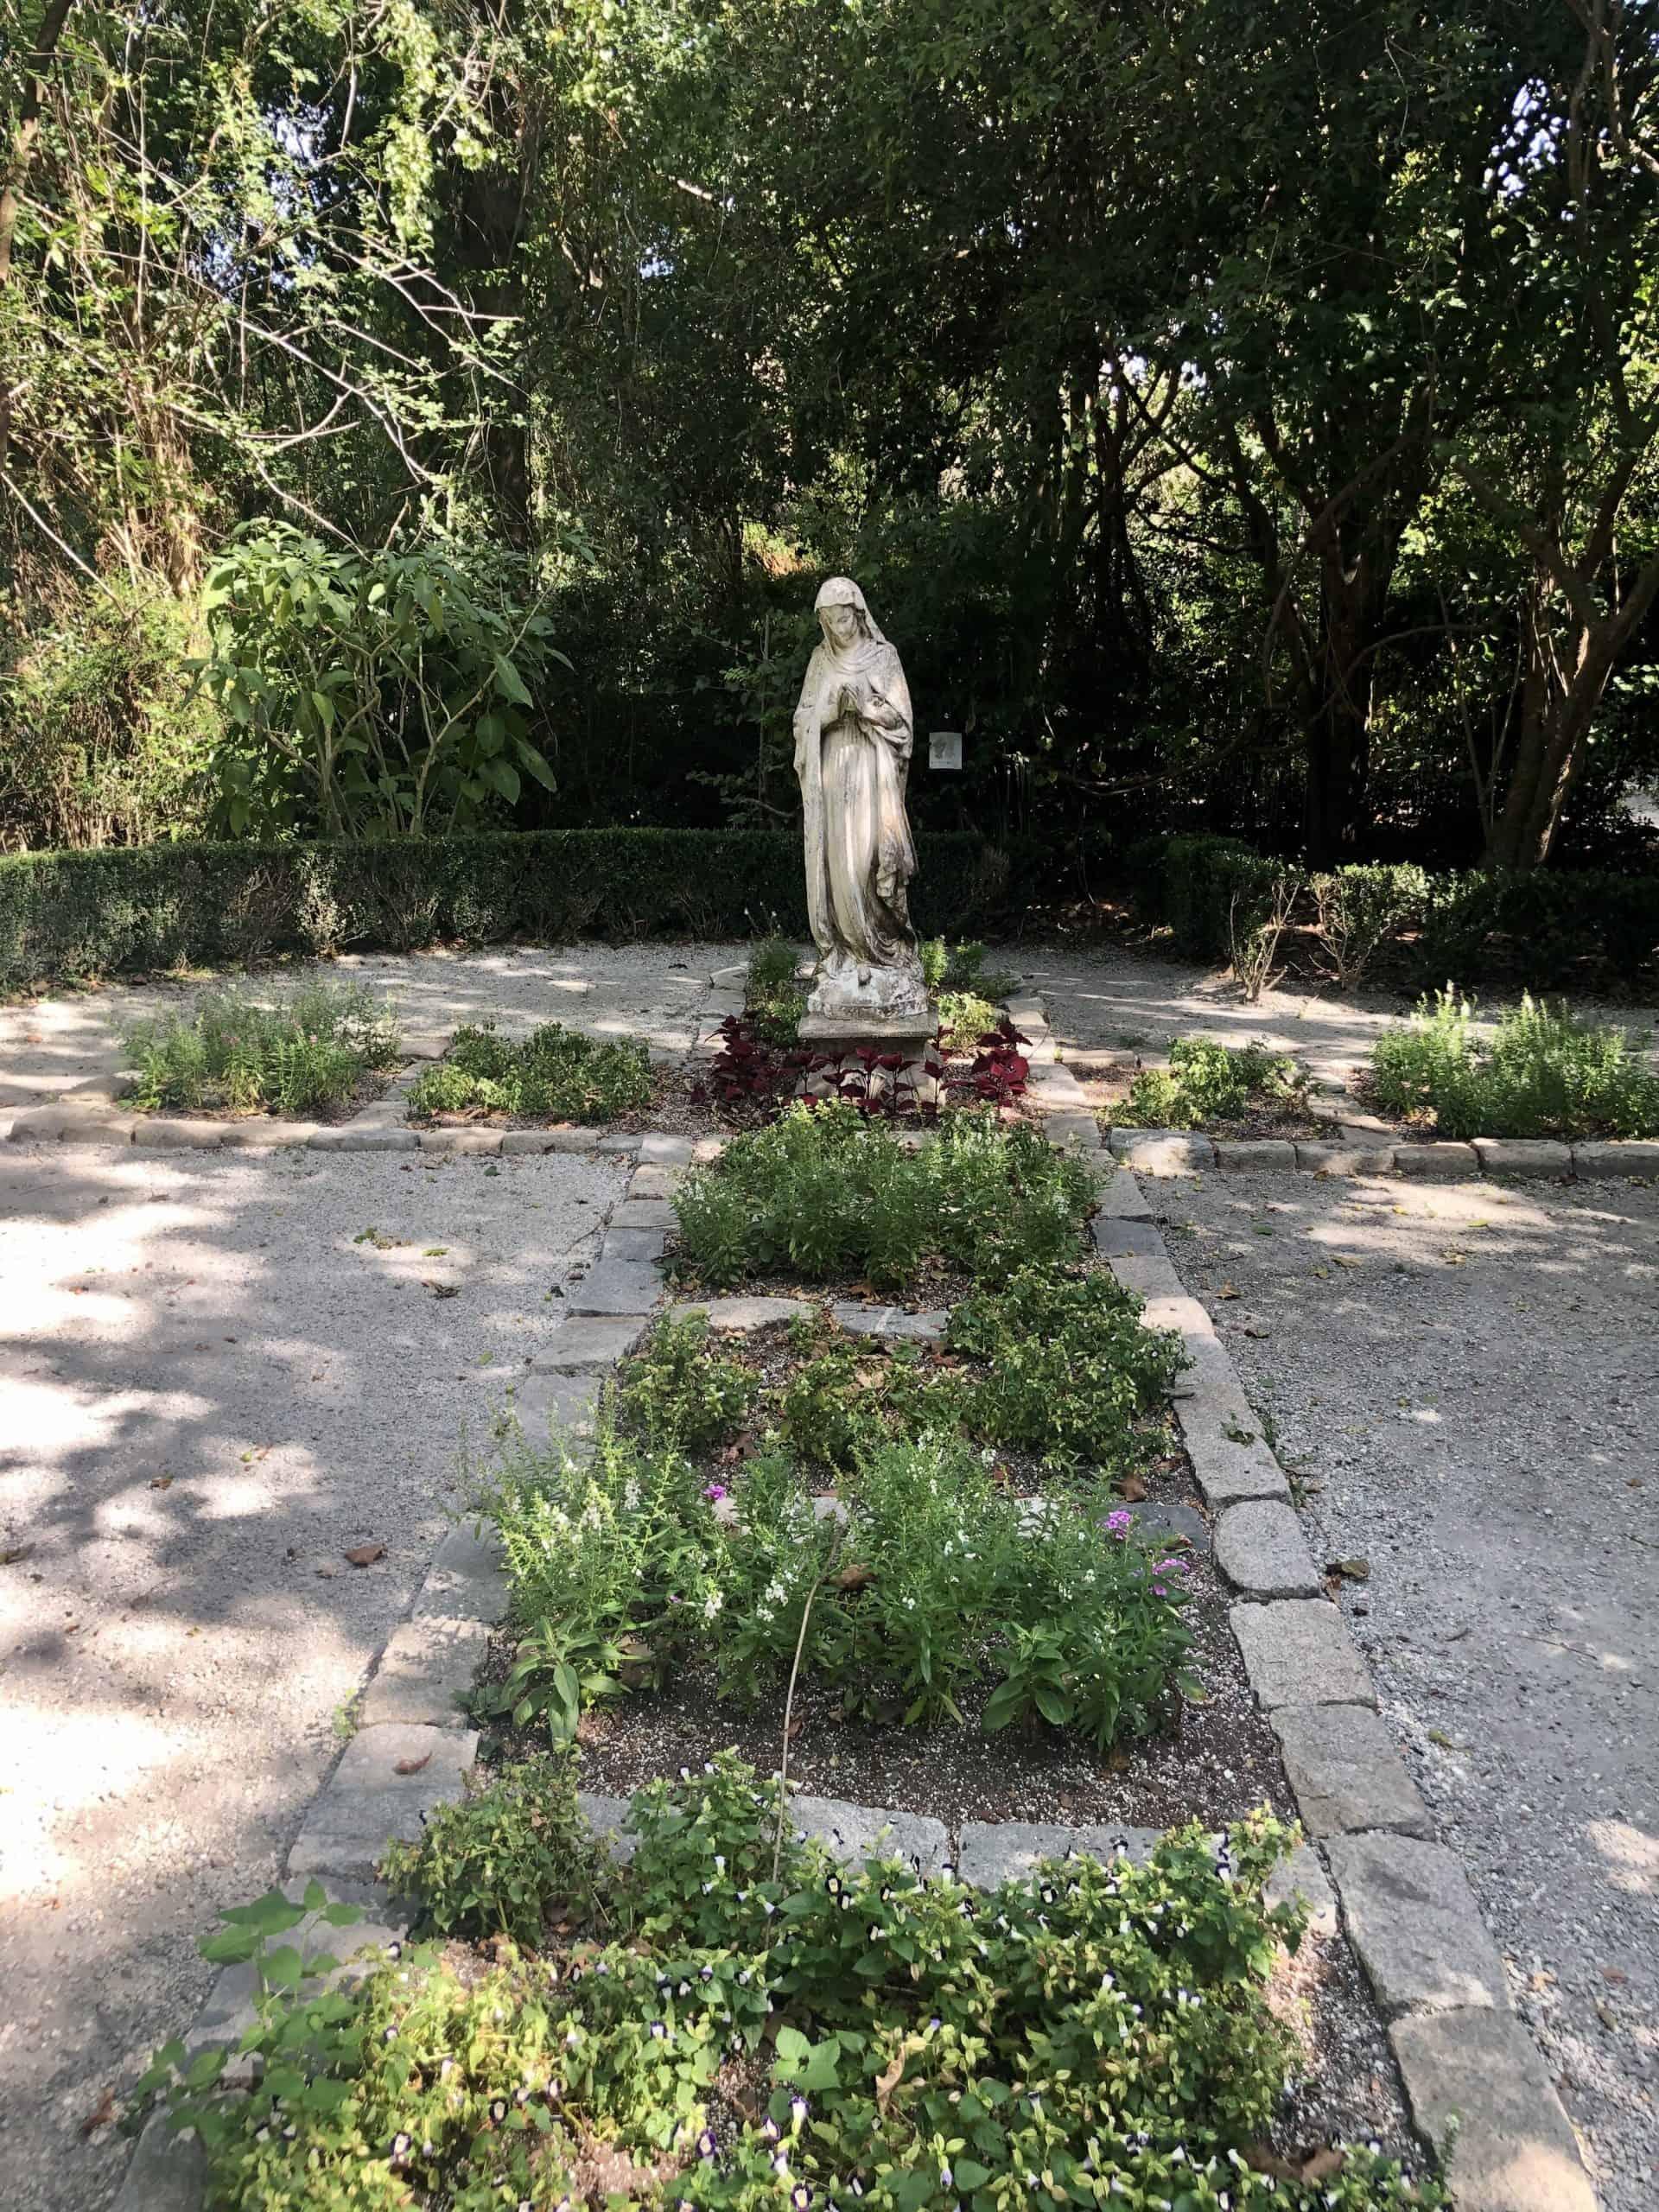 Religious Garden at the Magnolia Plantation & Gardens in Charleston, SC